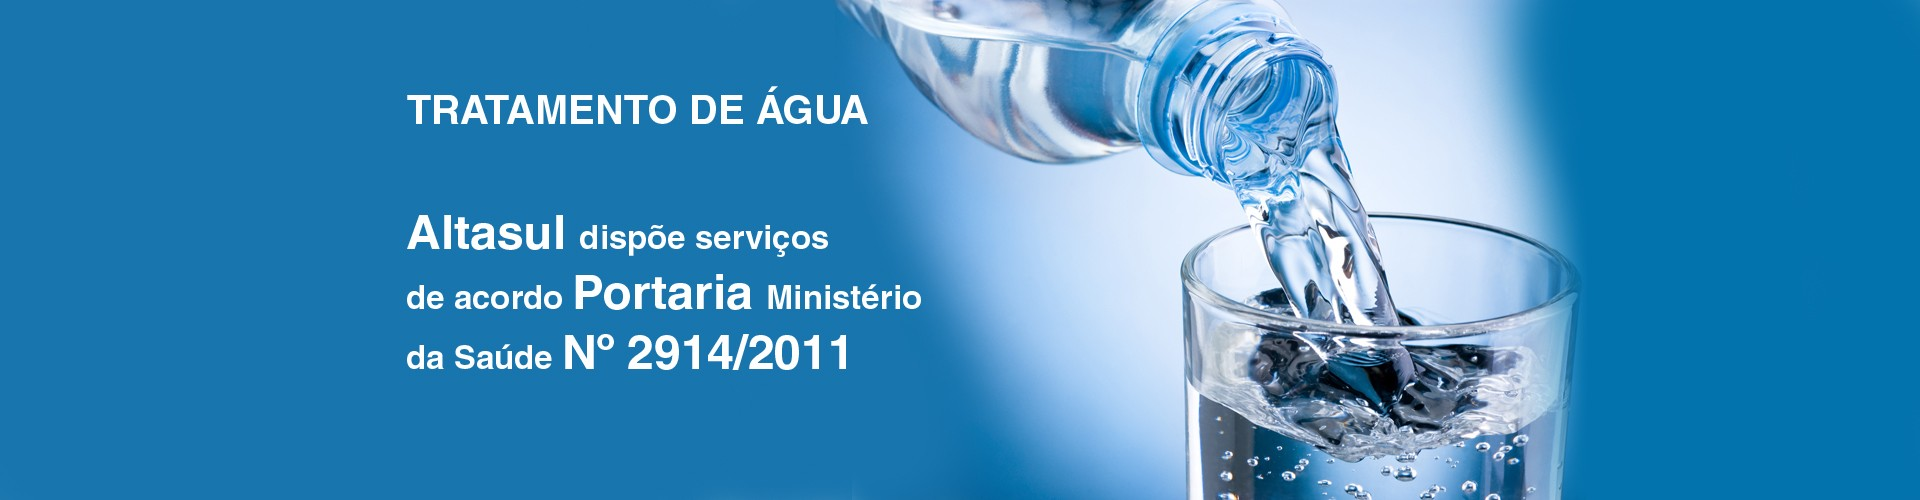 Alatasul Serviços tratamento de água